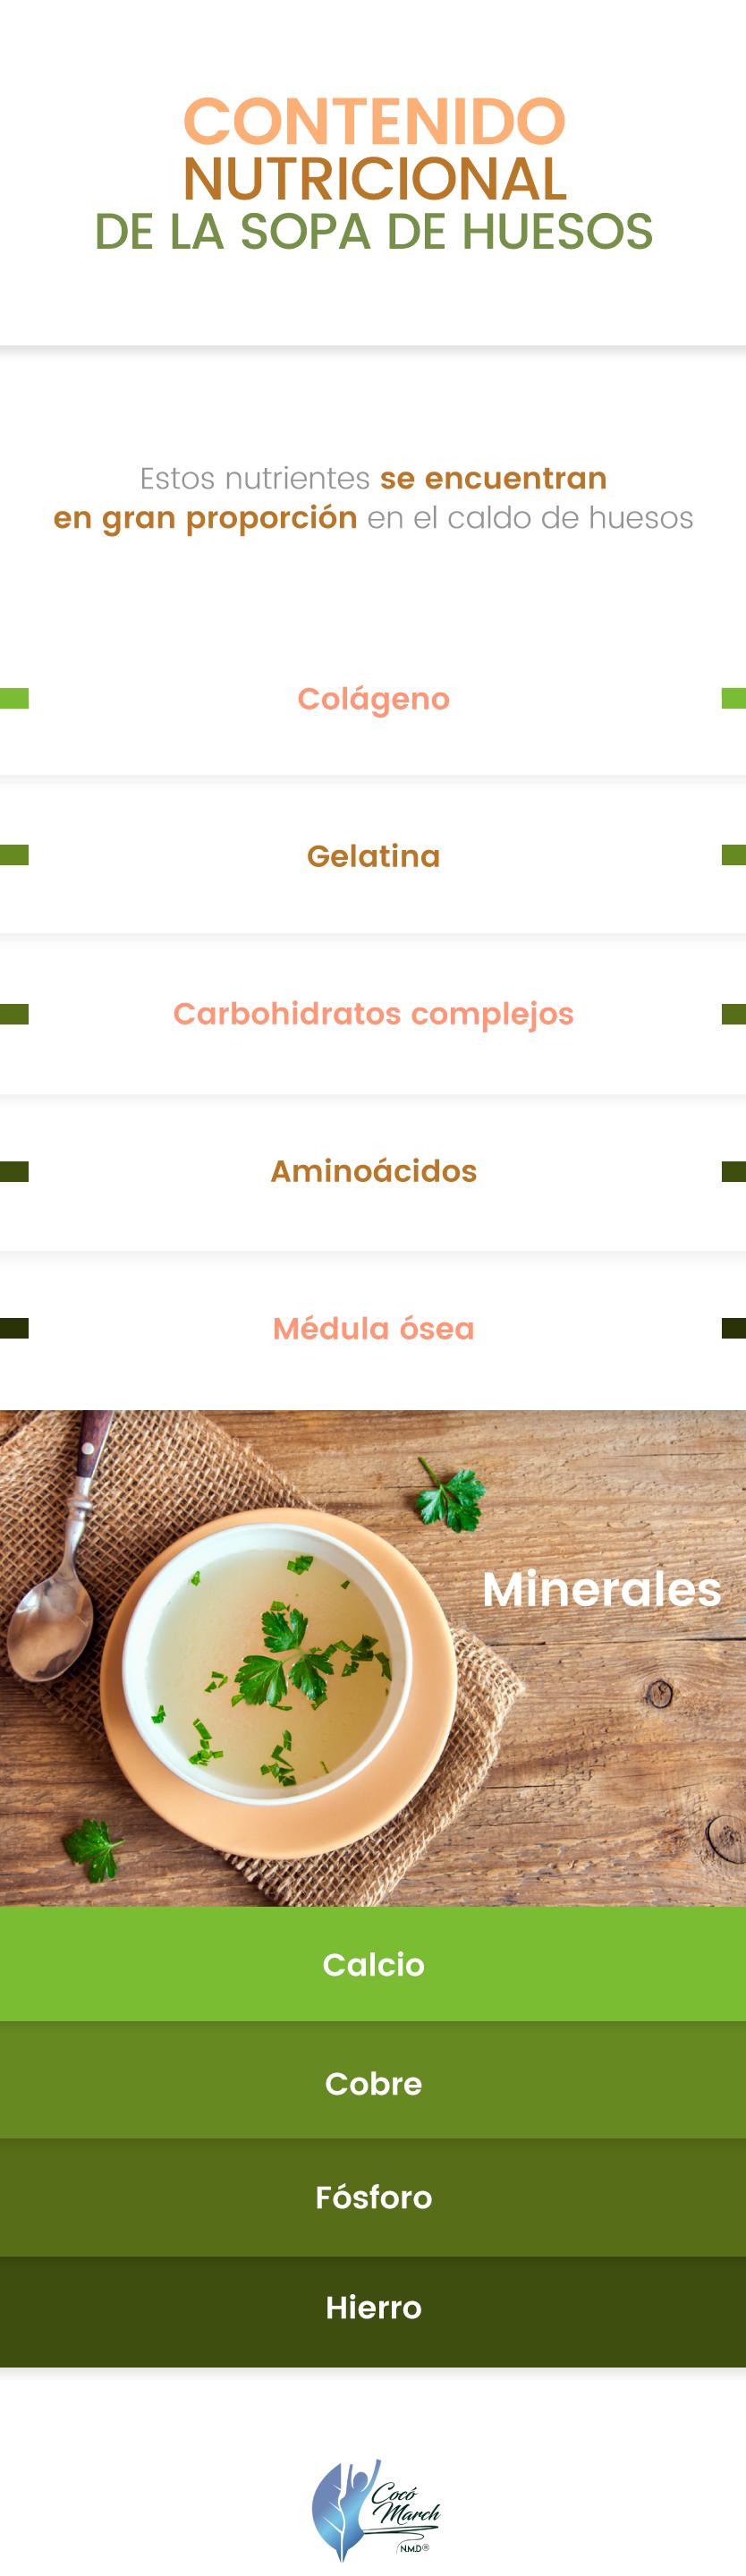 caldo-de-huesos-contenido-nutricional